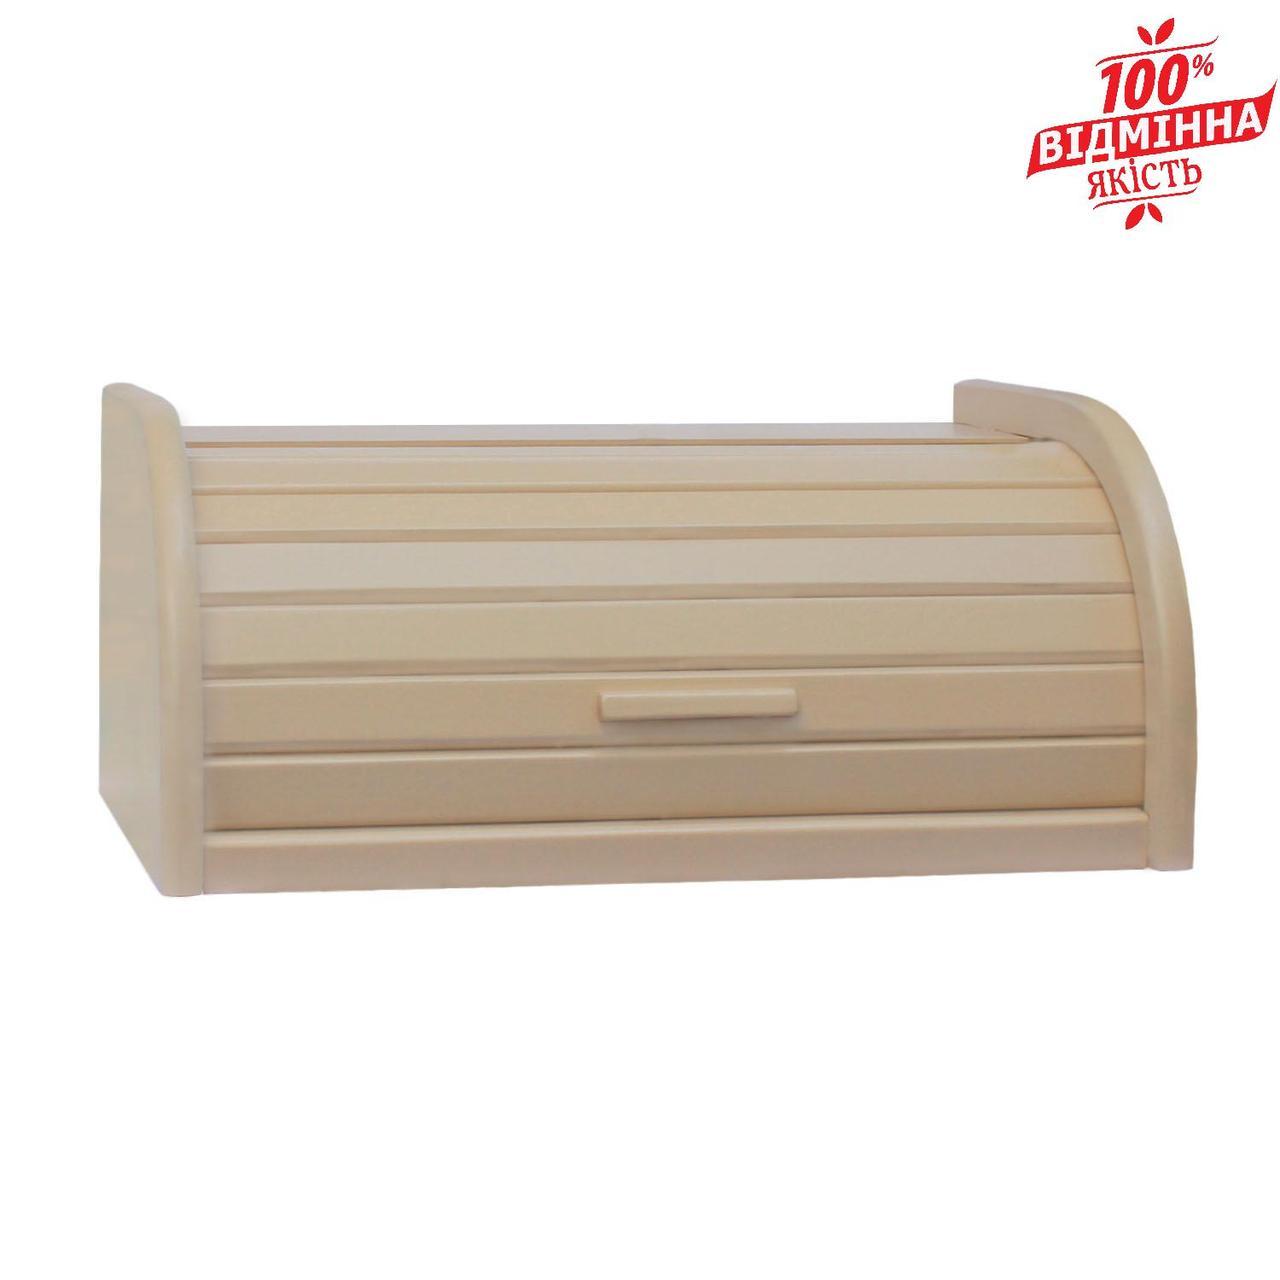 Хлебница деревянная MAZHURA бежевый mz505800